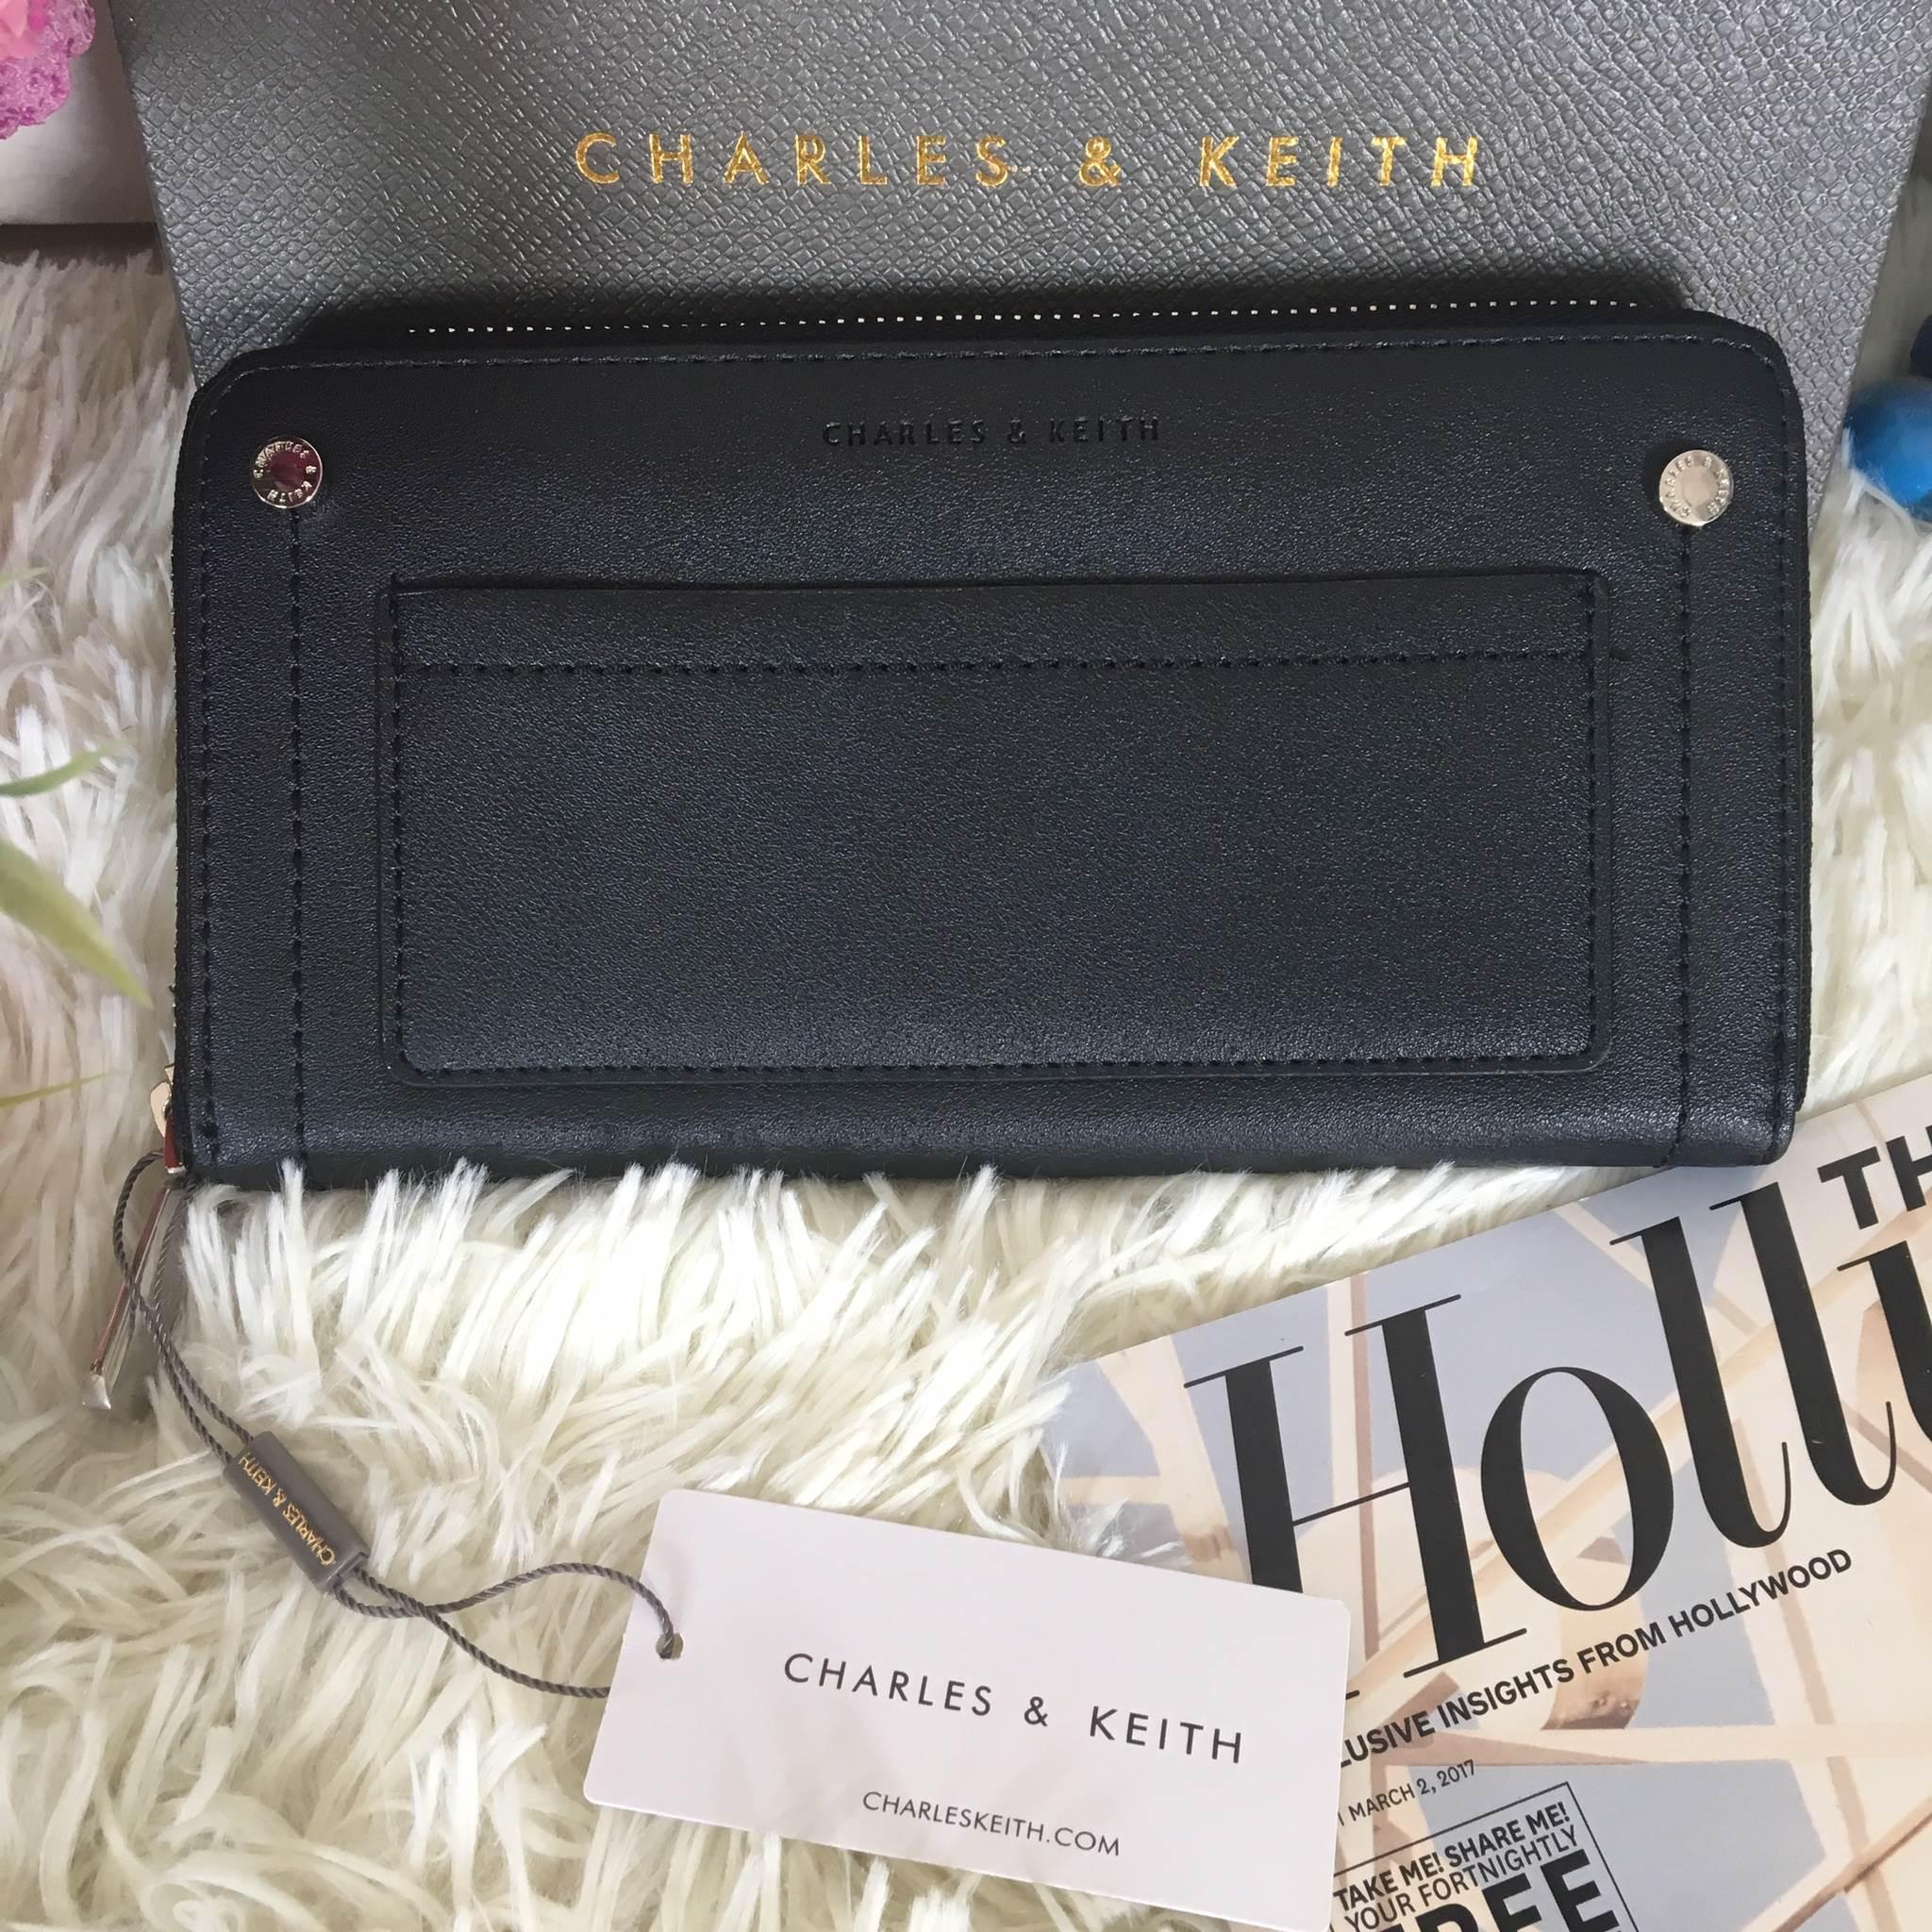 กระเป๋าสตางค์ใบยาว Charles & Keith Studded Front Pocket Wallet สีดำ ราคา 990 บาท Free Ems